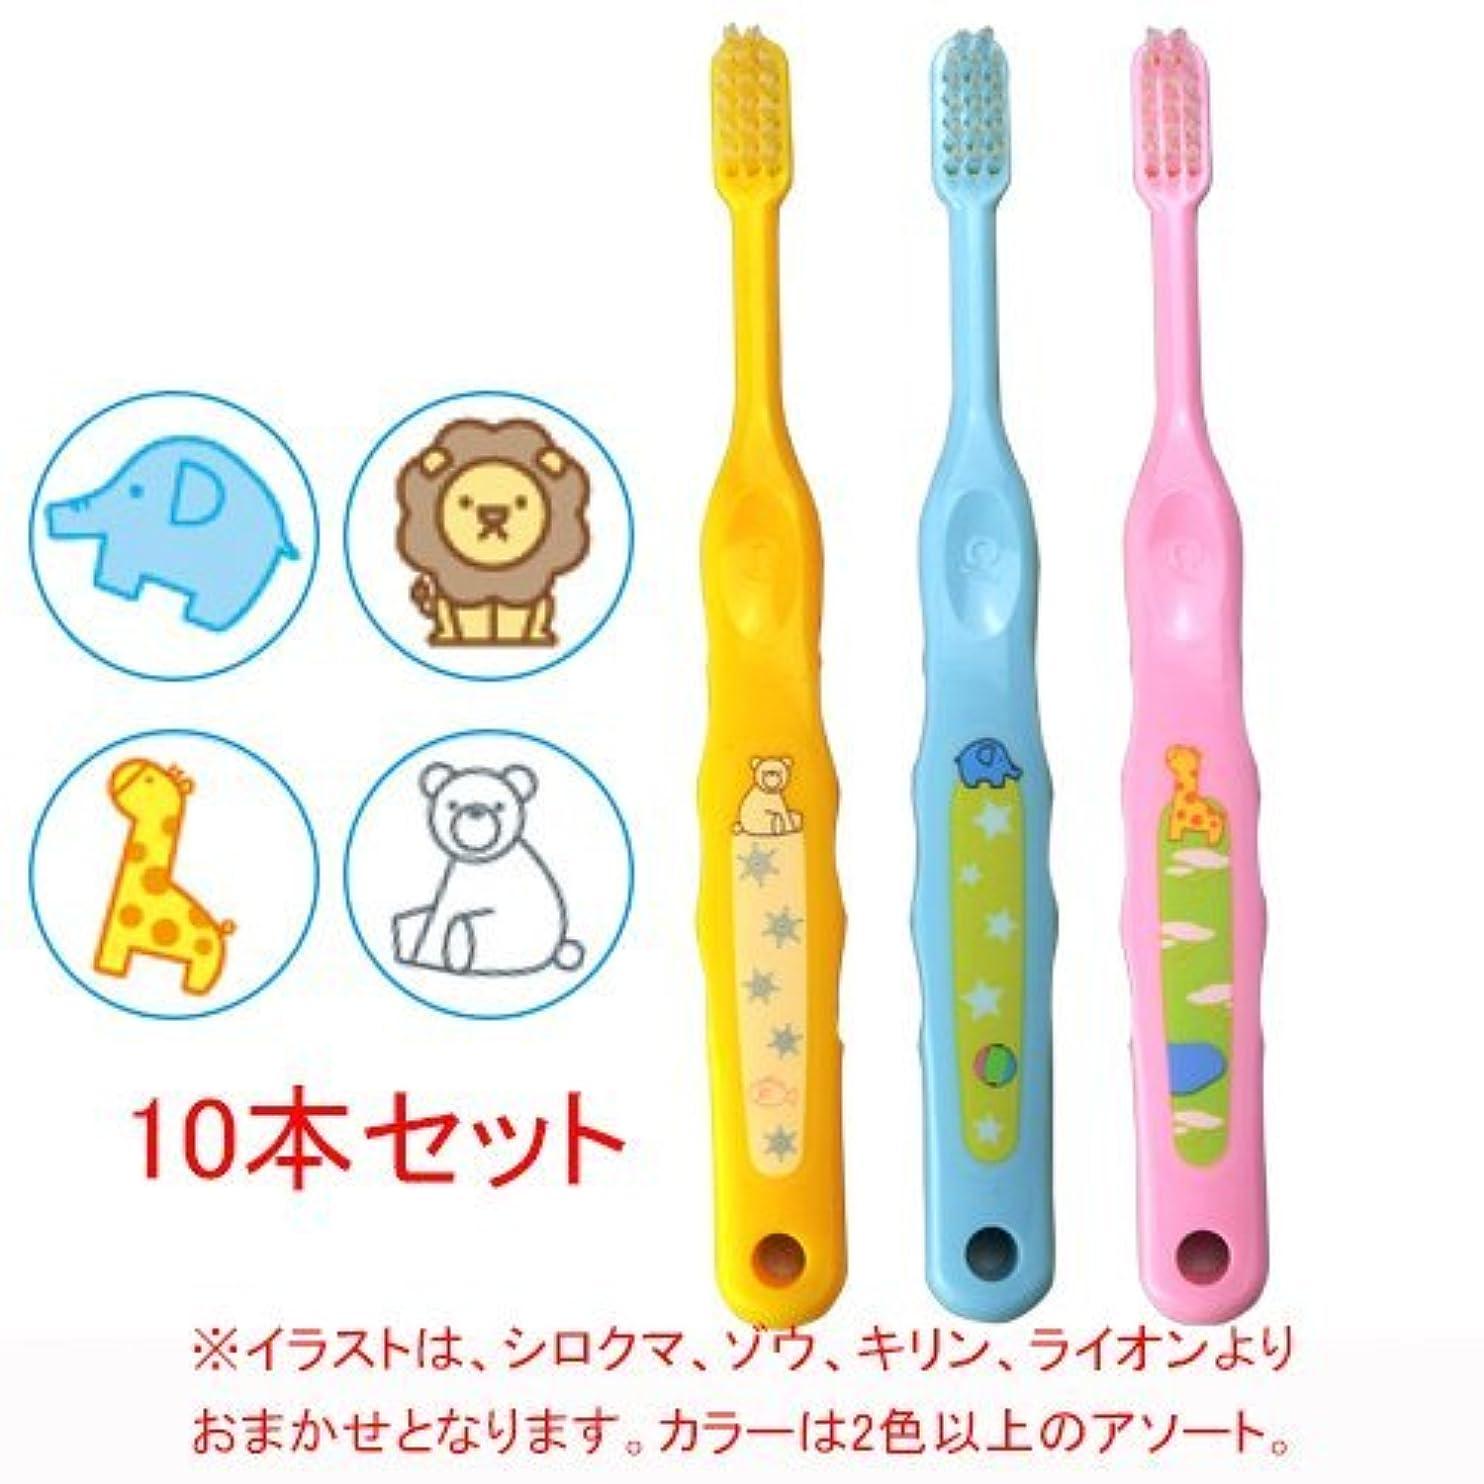 満足できる強調するシネマCiメディカル Ci なまえ歯ブラシ 502 (ふつう) (乳児~小学生向)10本